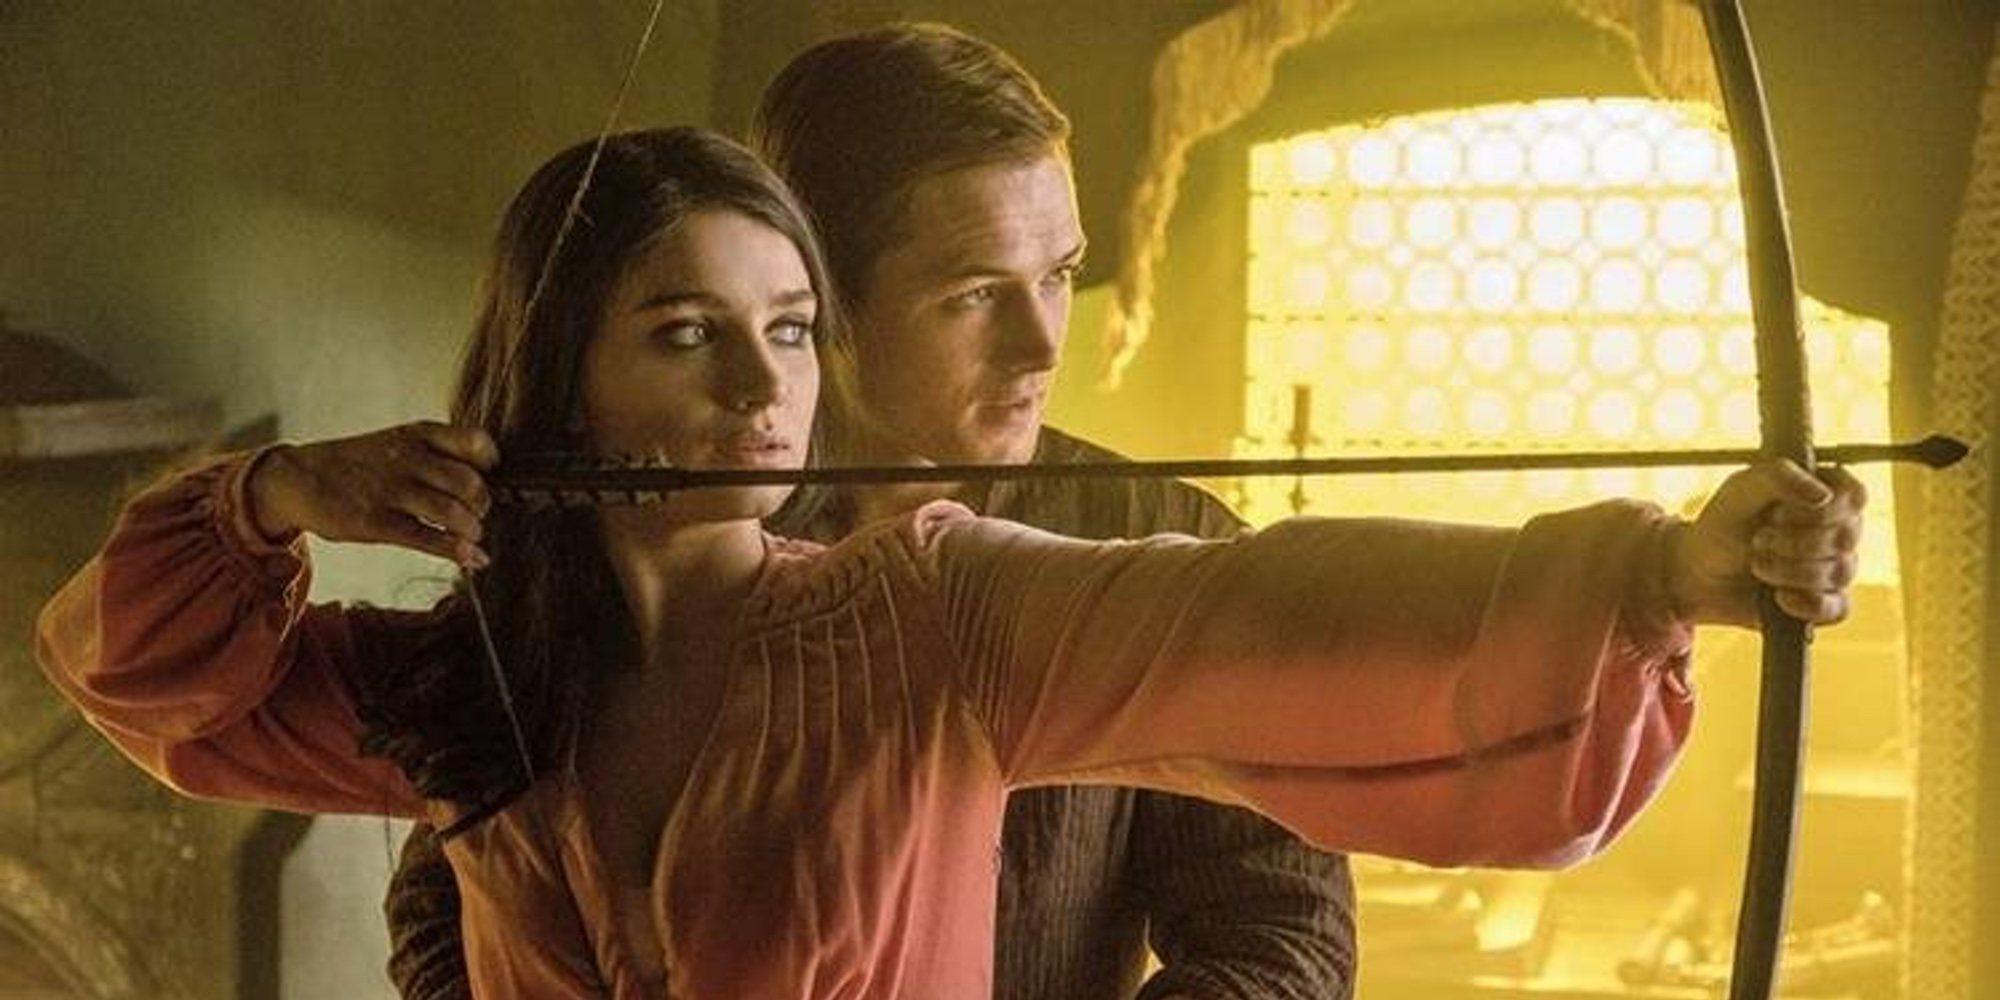 Eve Hewson habla en exclusiva sobre el rodaje de 'Robin Hood: el origen de la leyenda'